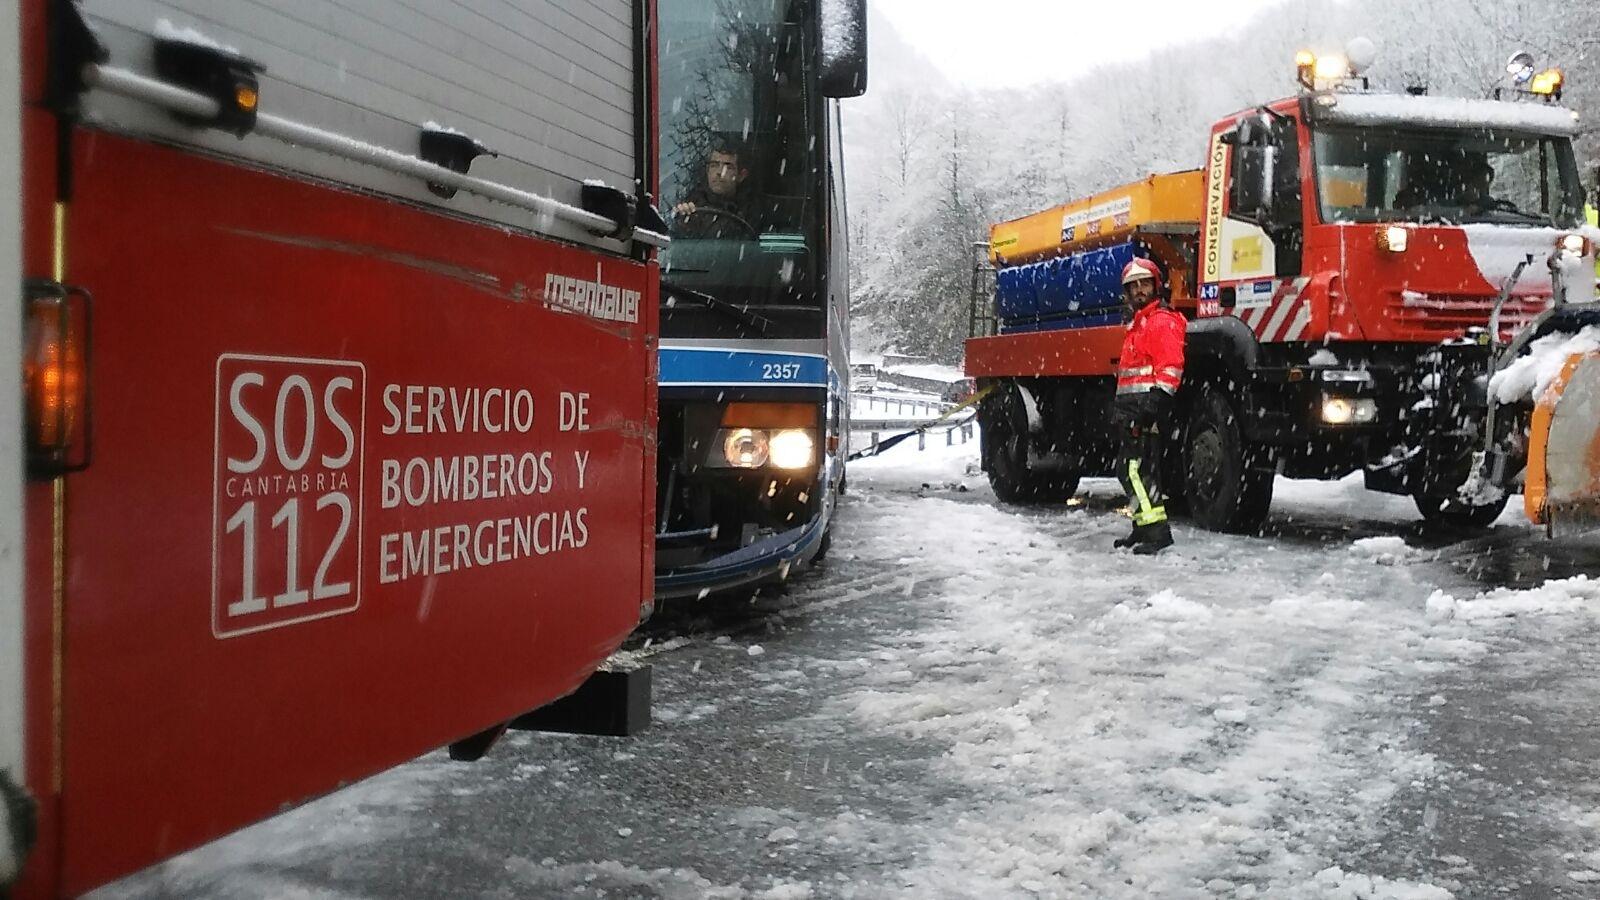 Rescatados una decena de pasajeros de un autobús en Bárcena de Pie de Concha / Foto: 112, Gobierno de Cantabria